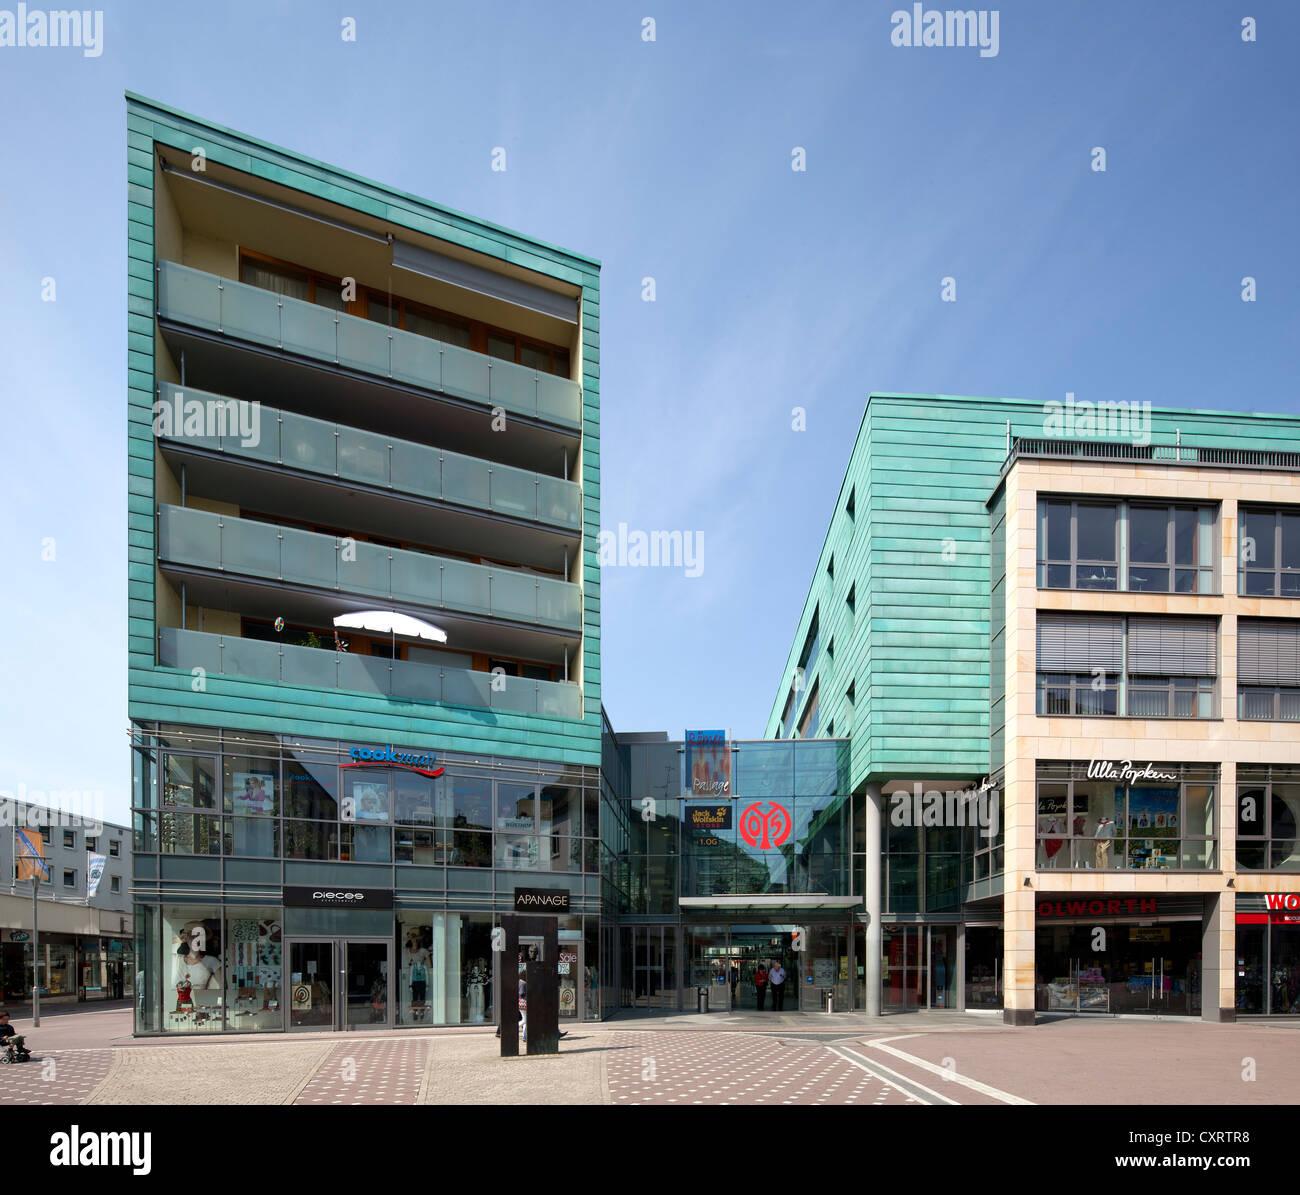 Roemerpassage shopping centre, Mainz, Rhineland-Palatinate, PublicGround - Stock Image